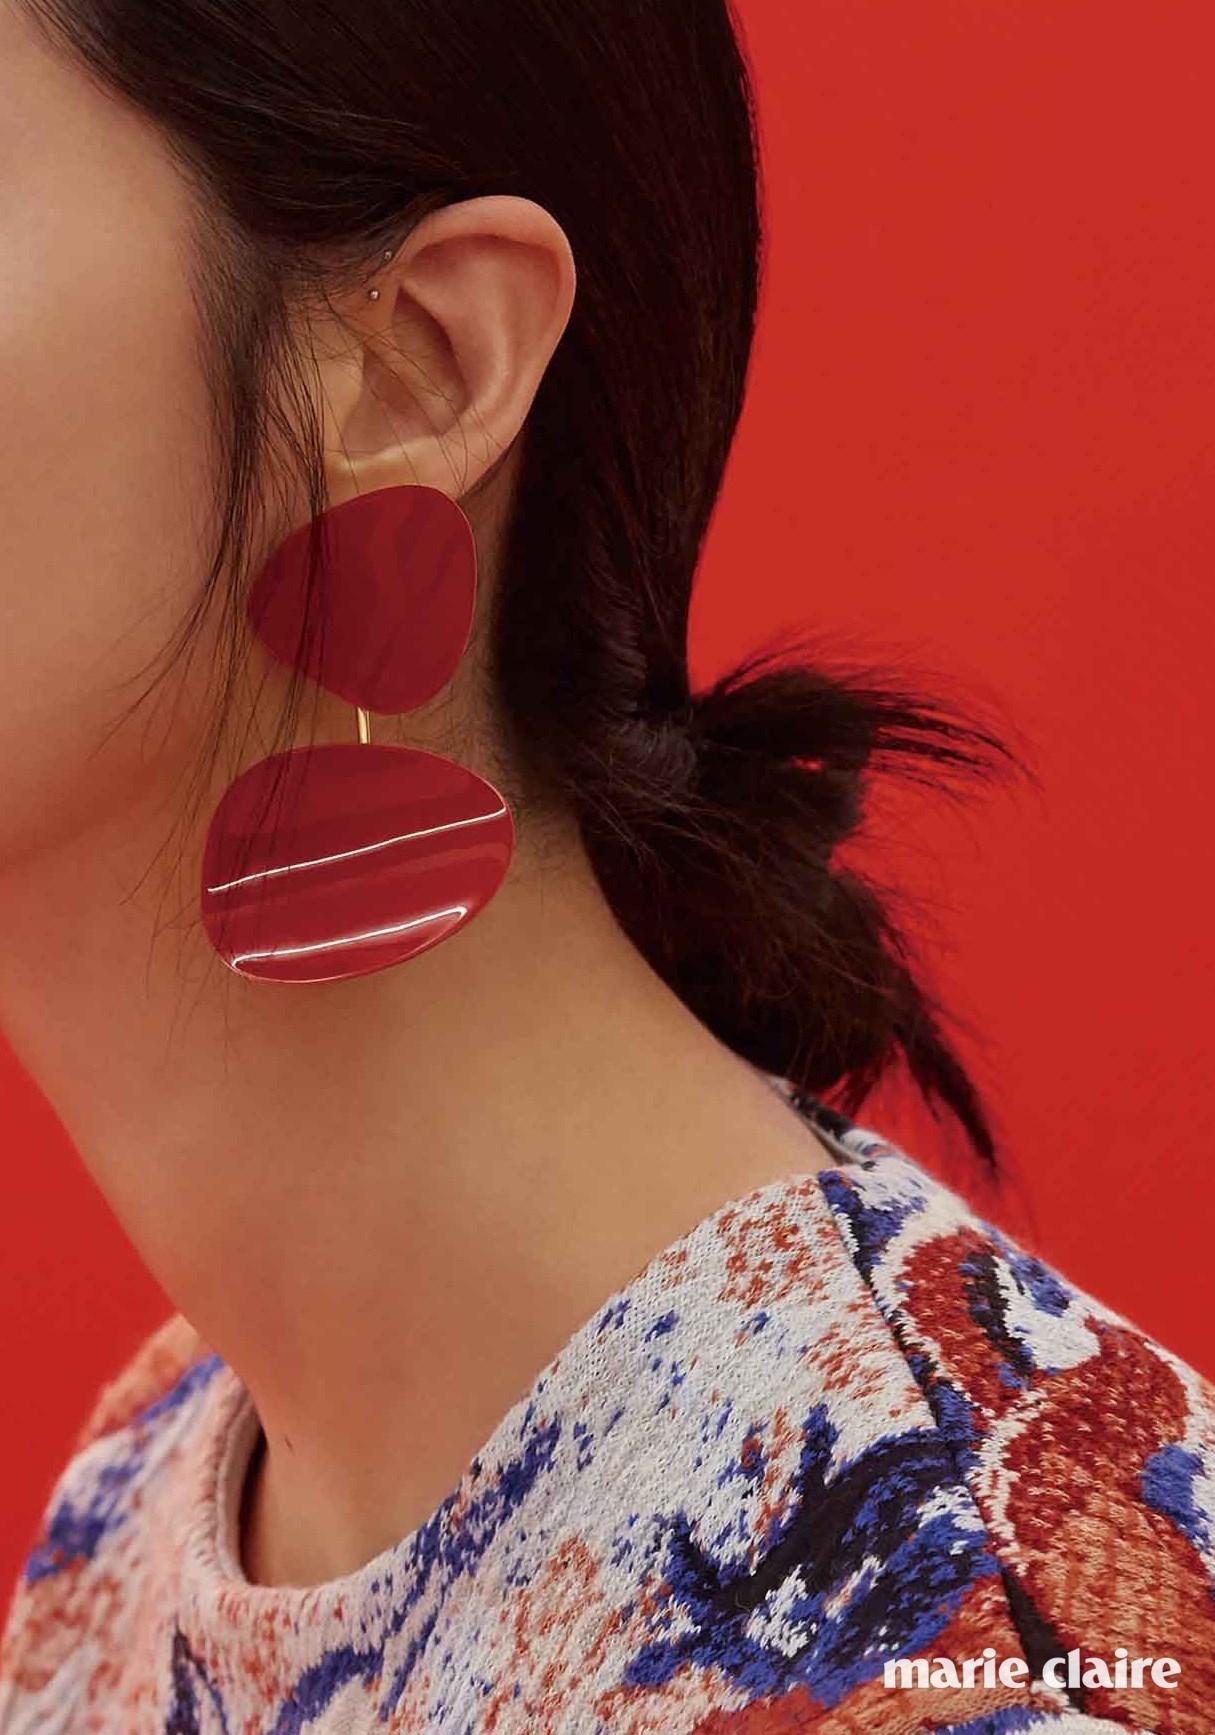 회화적인 패턴의 톱 가격 미정 디올(Dior), 구조적인 형태의 선홍색 이어링 가격 미정 셀린느(Celine).